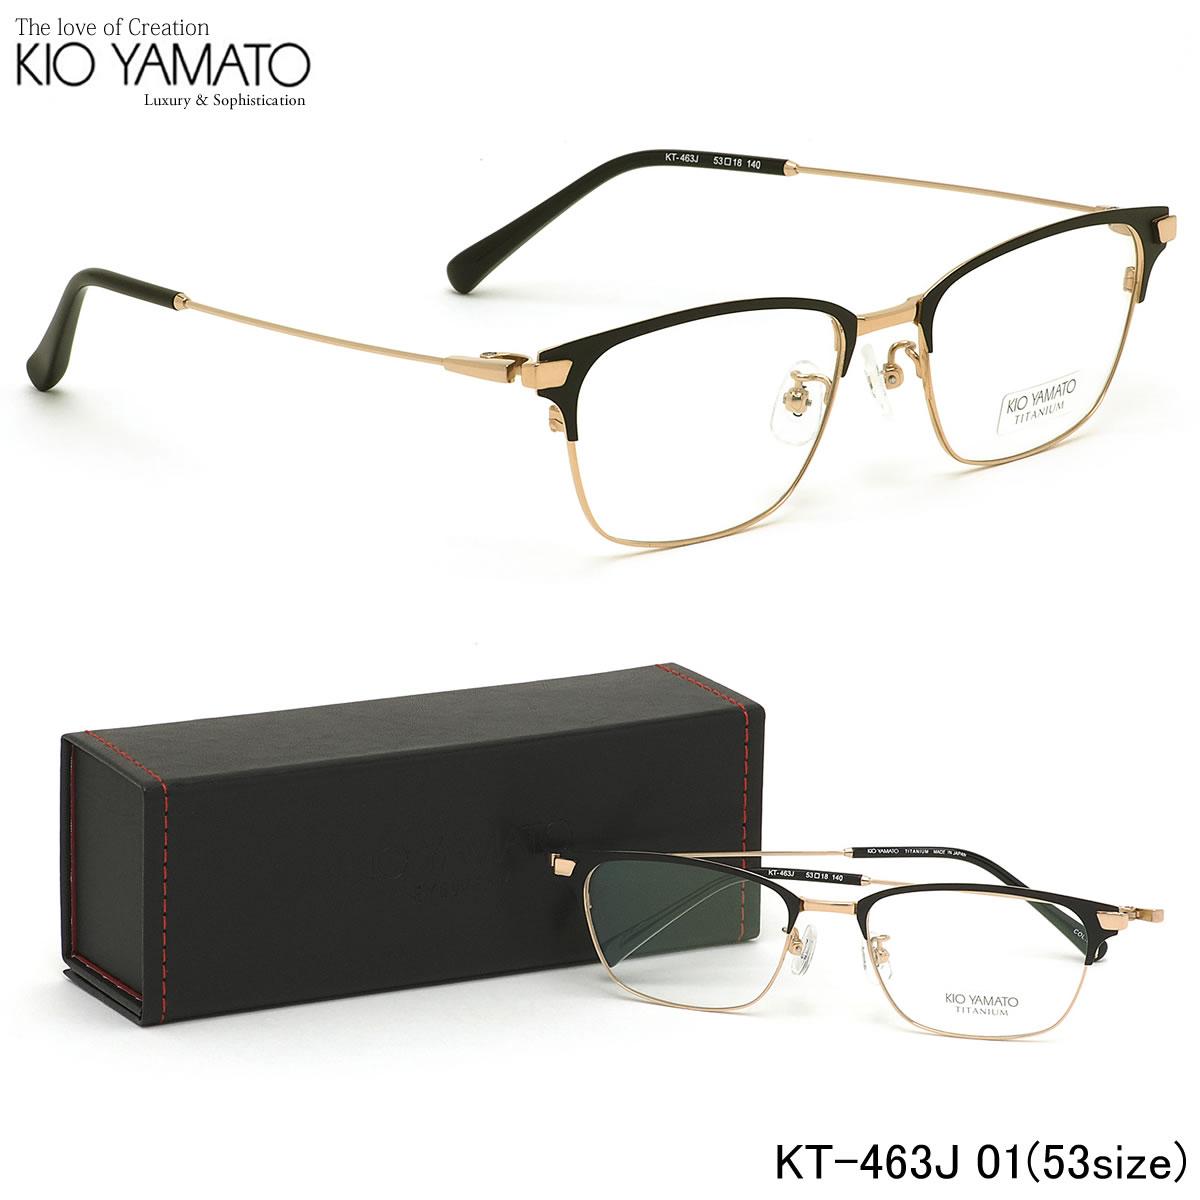 ほぼ全品ポイント15倍~最大43倍+3倍!お得なクーポンも! キオヤマト KIO YAMATO メガネKT-463J 01 53サイズ日本製 Classic Collection キオヤマト KIOYAMATO メンズ レディース